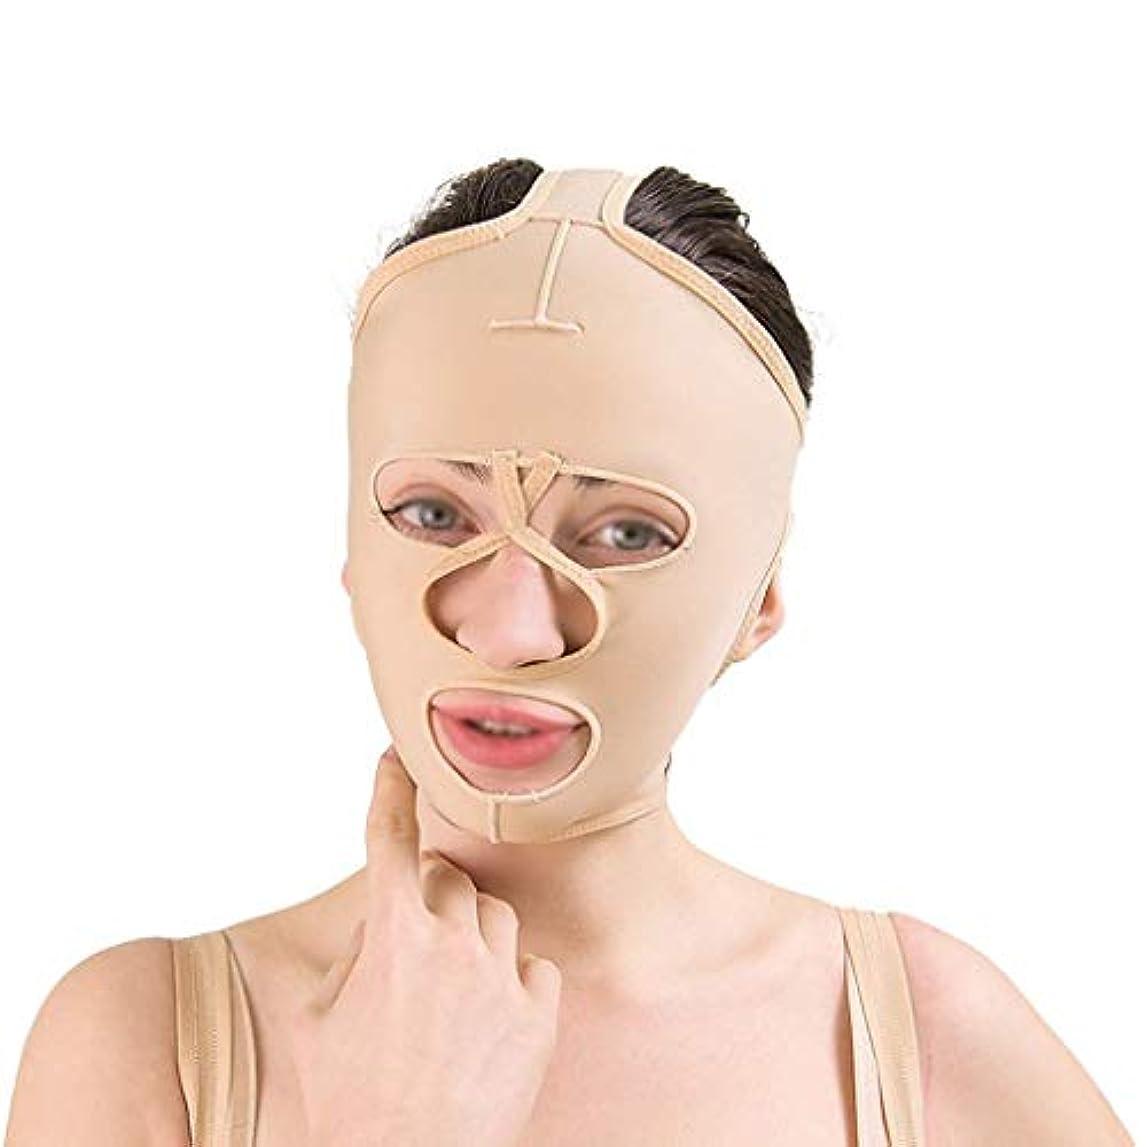 粘り強いリードスロープフェイシャルリフティングツール、フェイシャルビューティーリフティングマスク、通気性引き締めリフティングフェイシャル包帯、フェイシャルタイトバンデージ(サイズ:L),ザ?